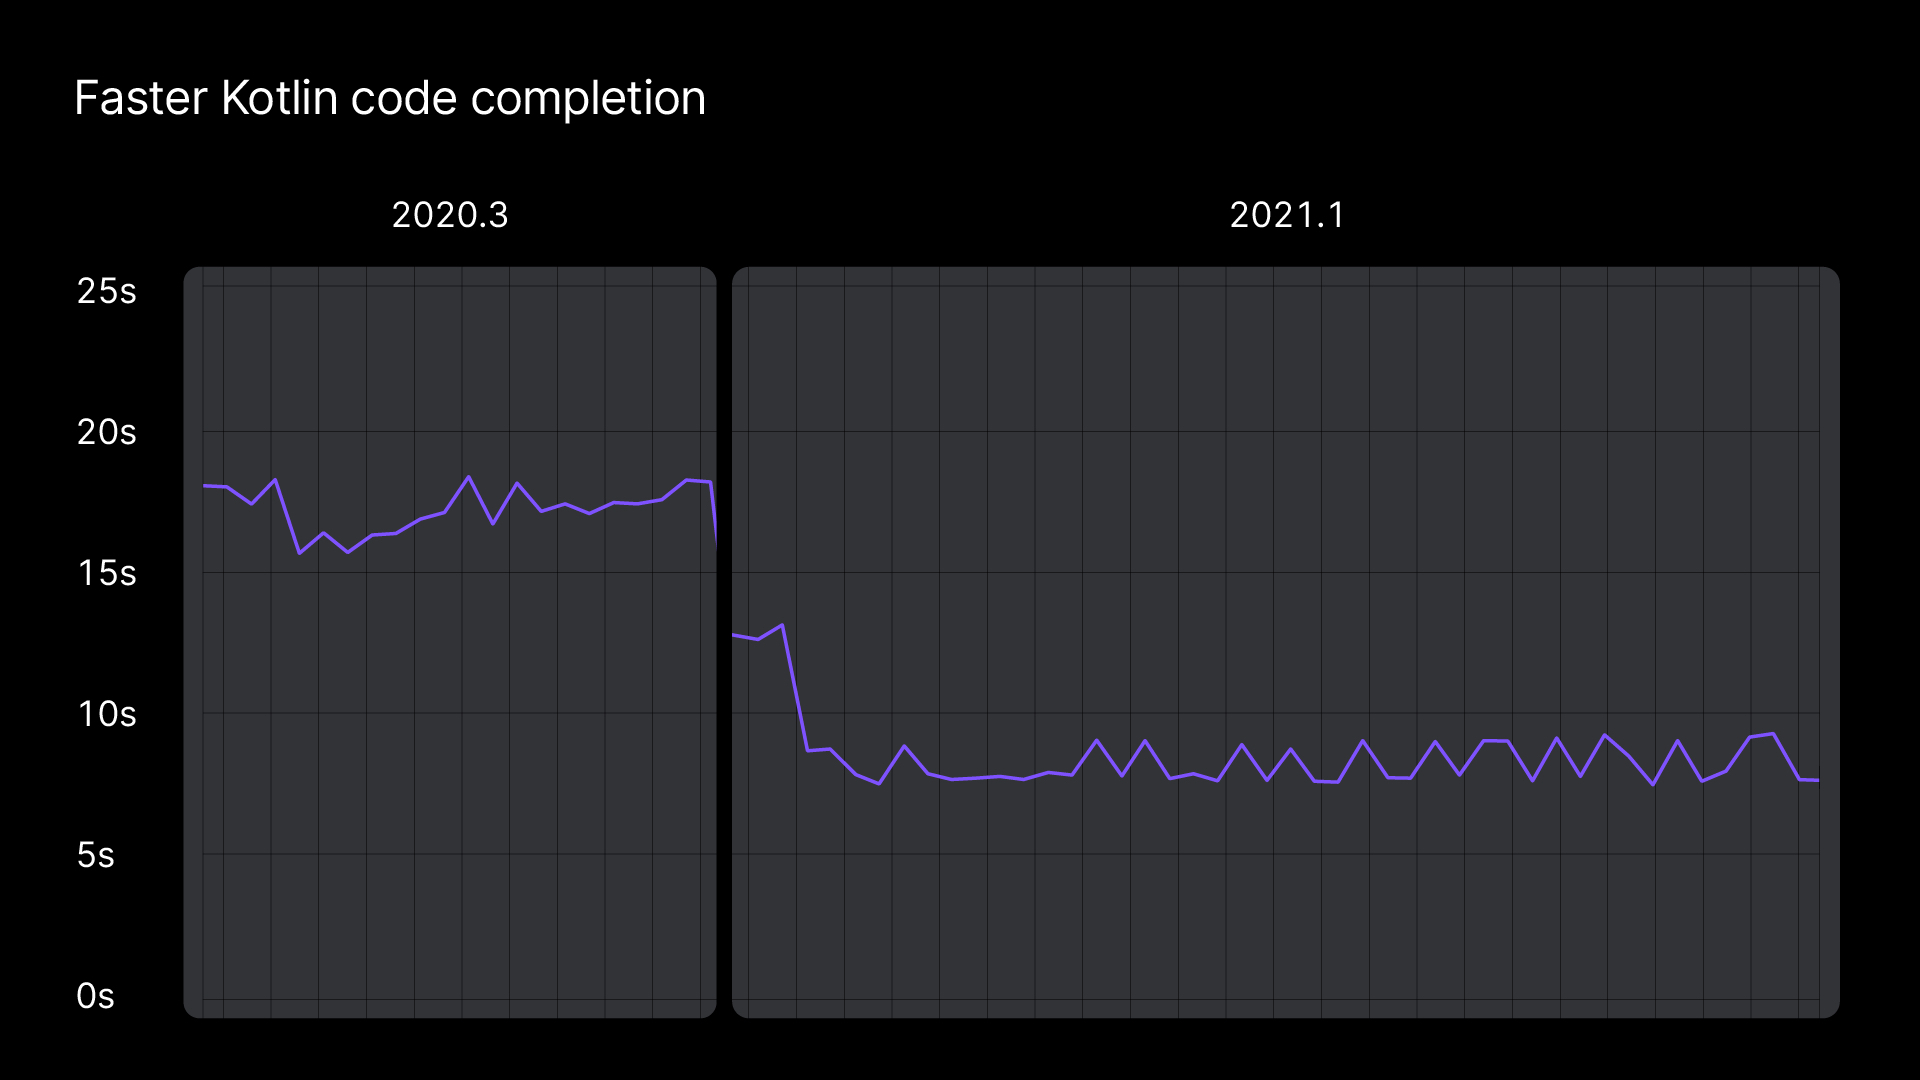 Complementação de código Kotlin mais rápida